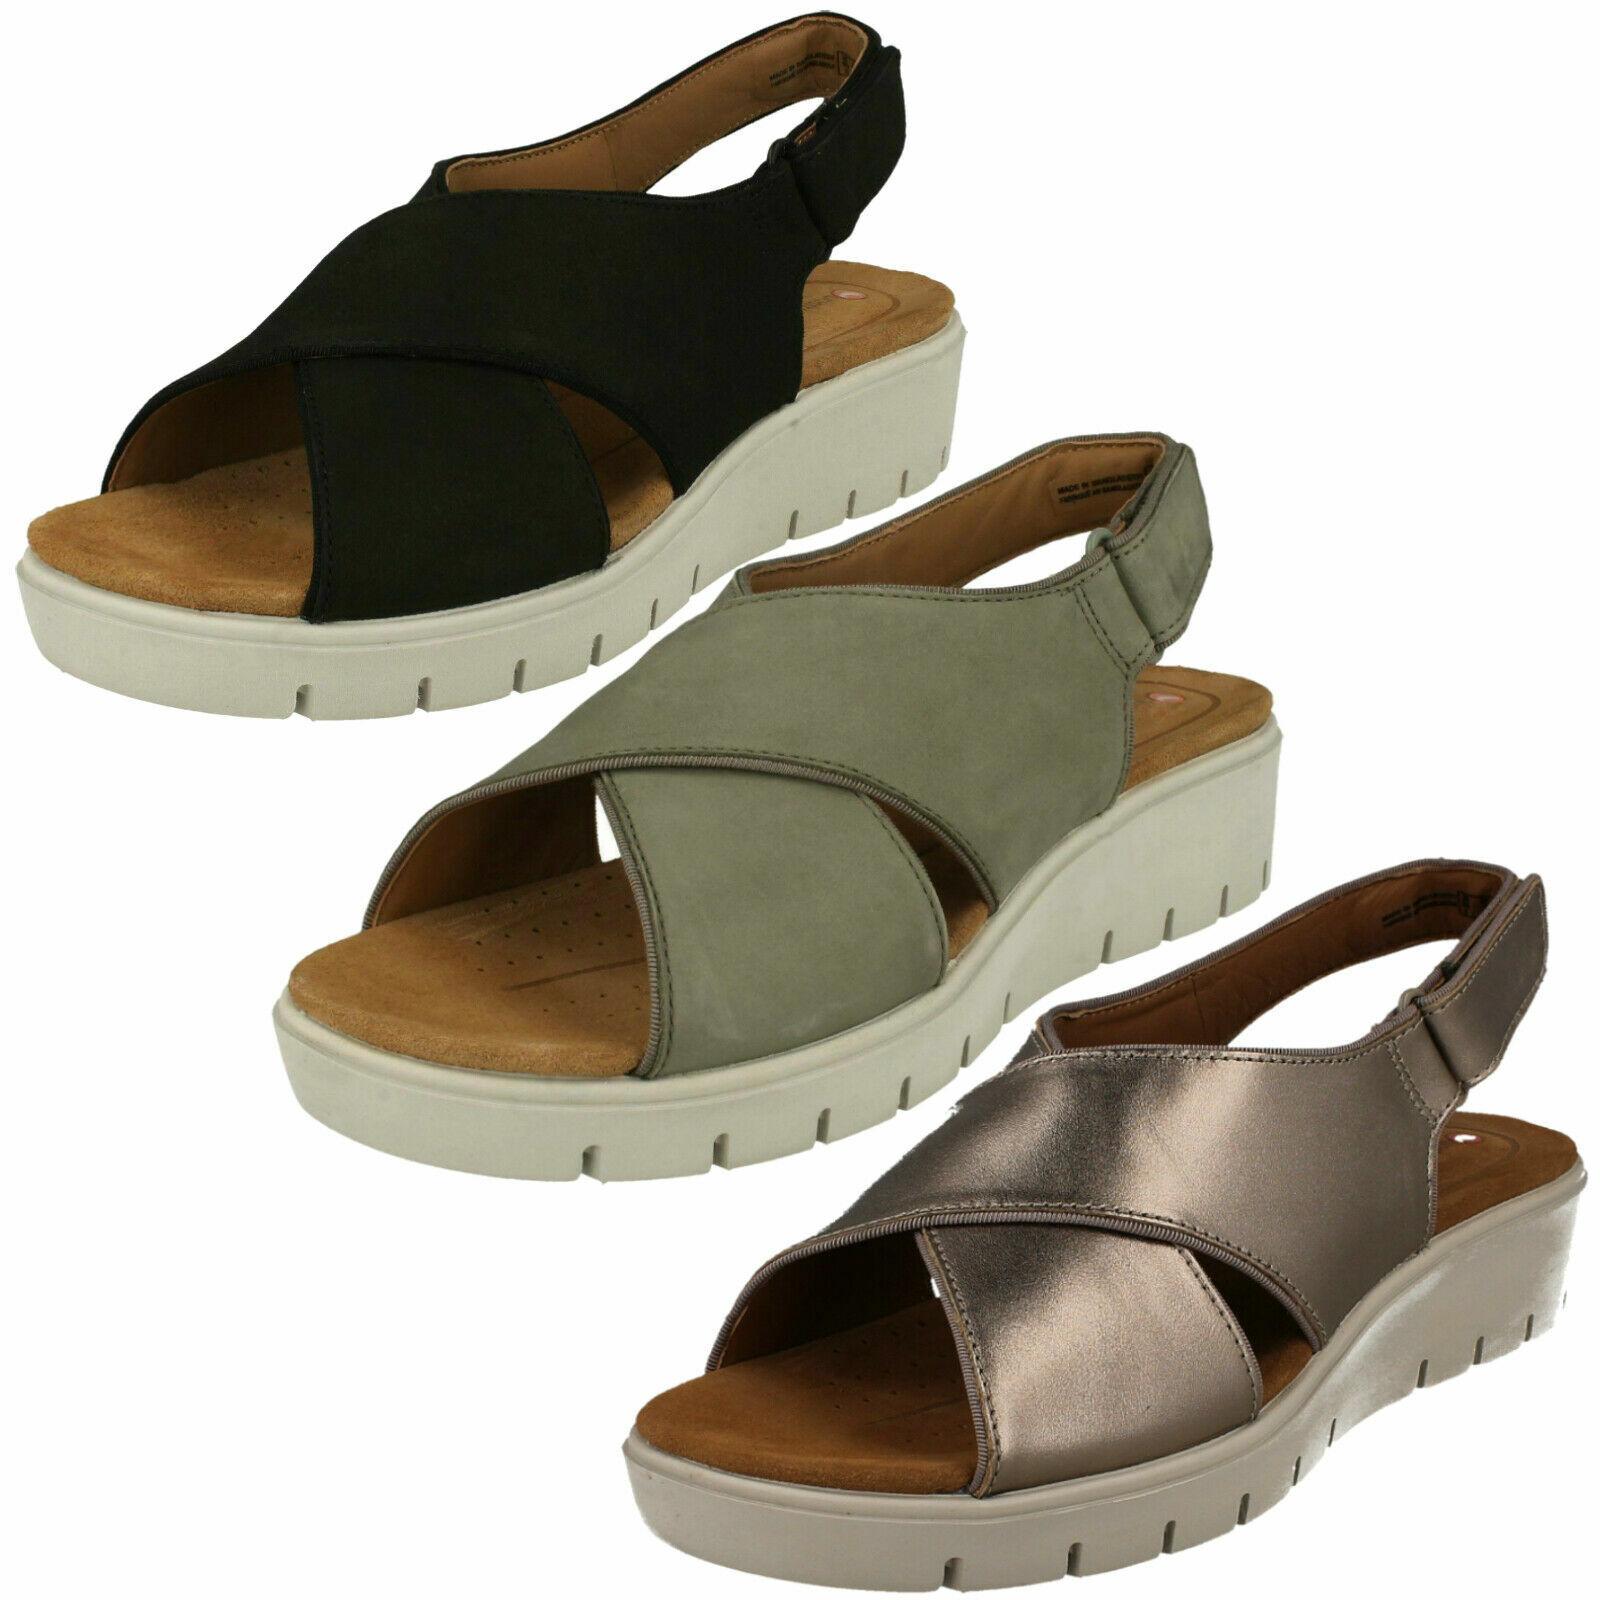 Signore Clarks'Un Karely Sun 'Casual Leather Wedge Heel Sandals  - D Fitting  economico e di alta qualità